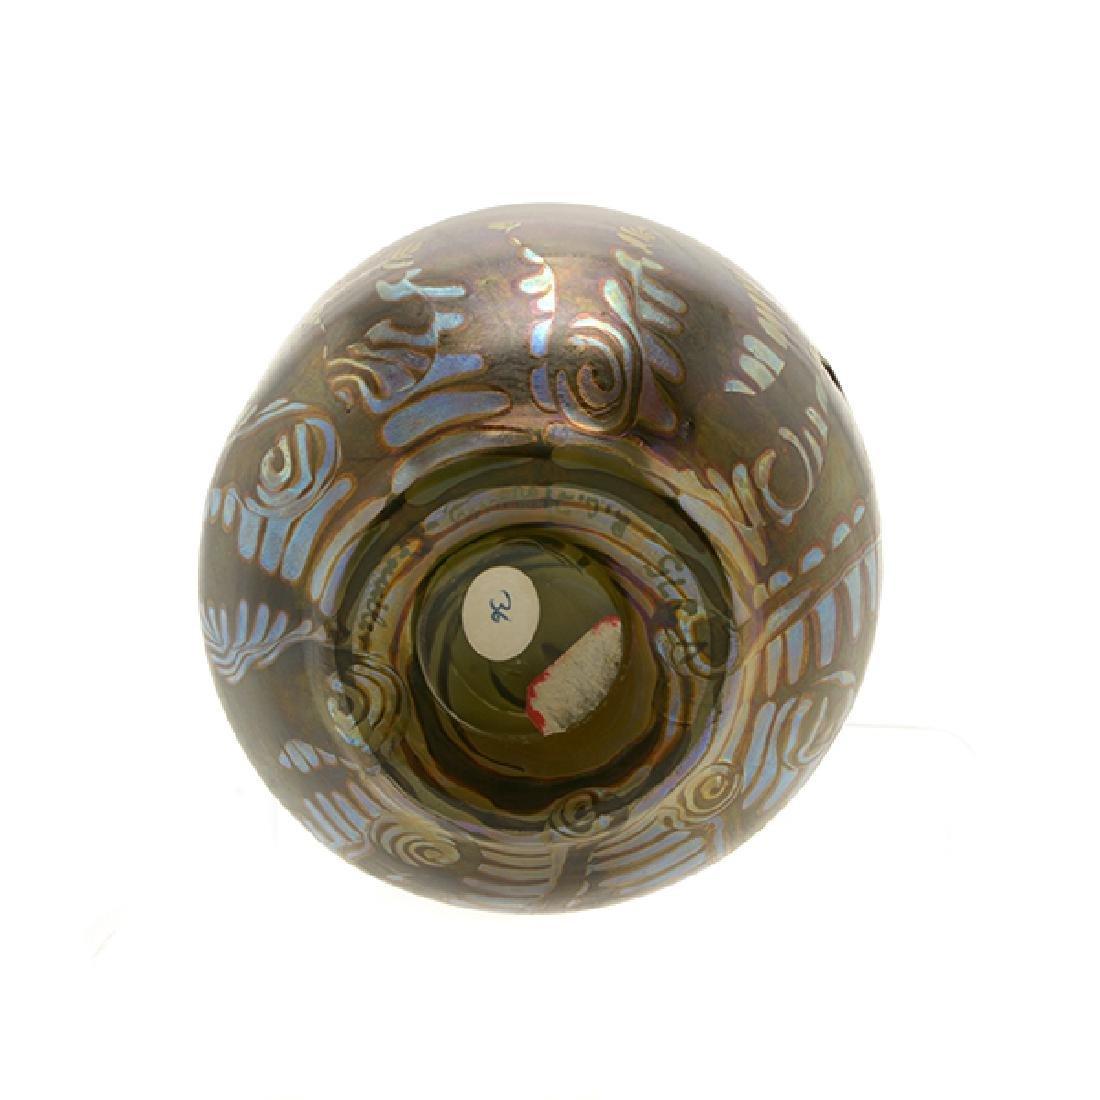 Tiffany Studios Favrile Vase - 5